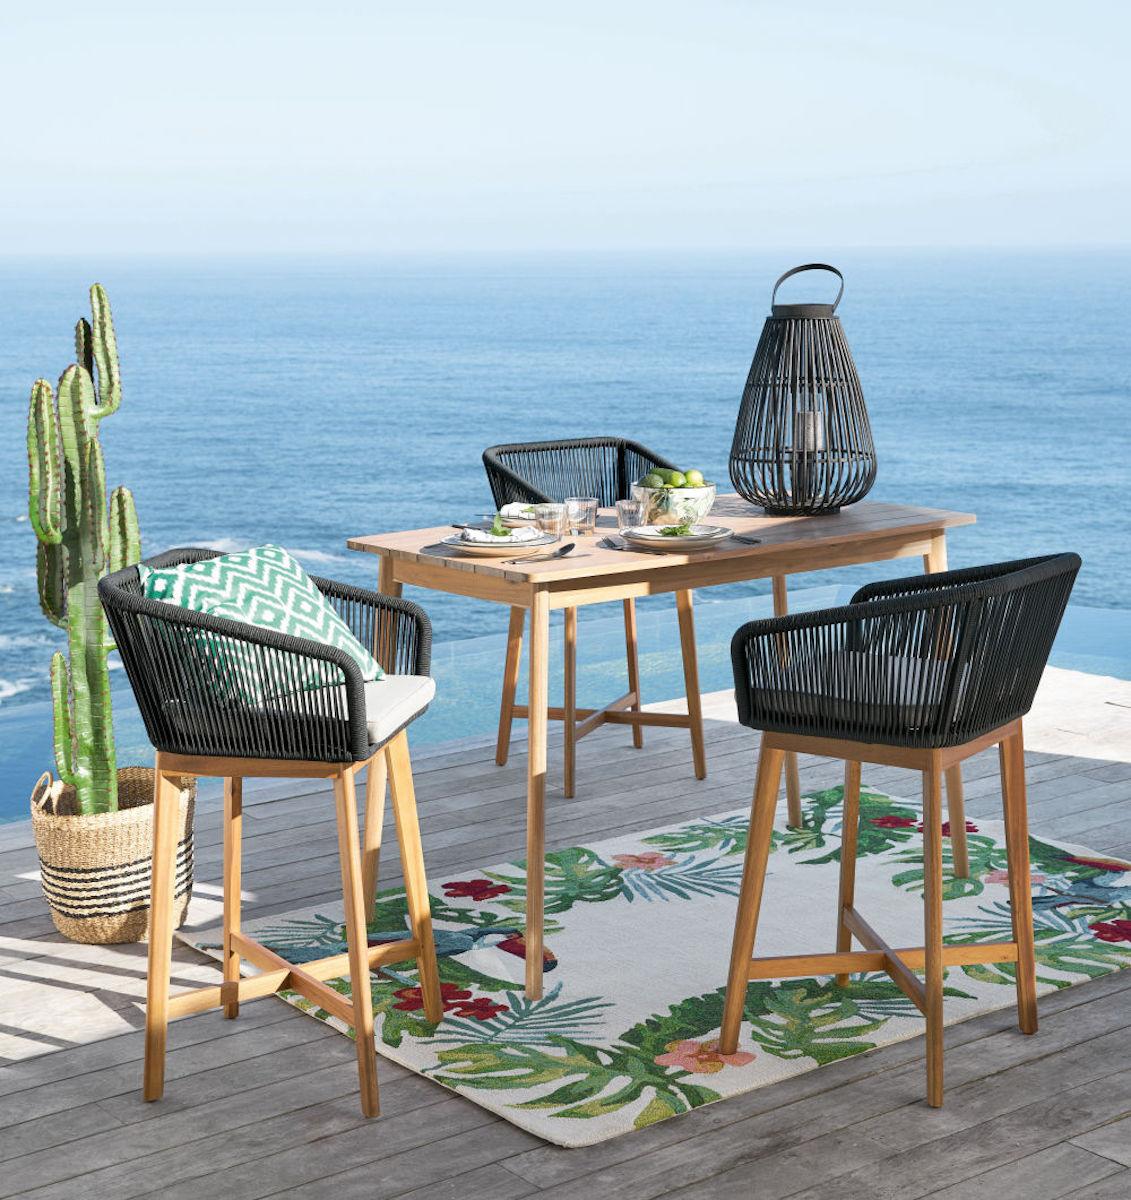 terrasse bord de mer chaise bois noire tapis table bois mobilier outdoor maisons du monde - blog déco - clematc